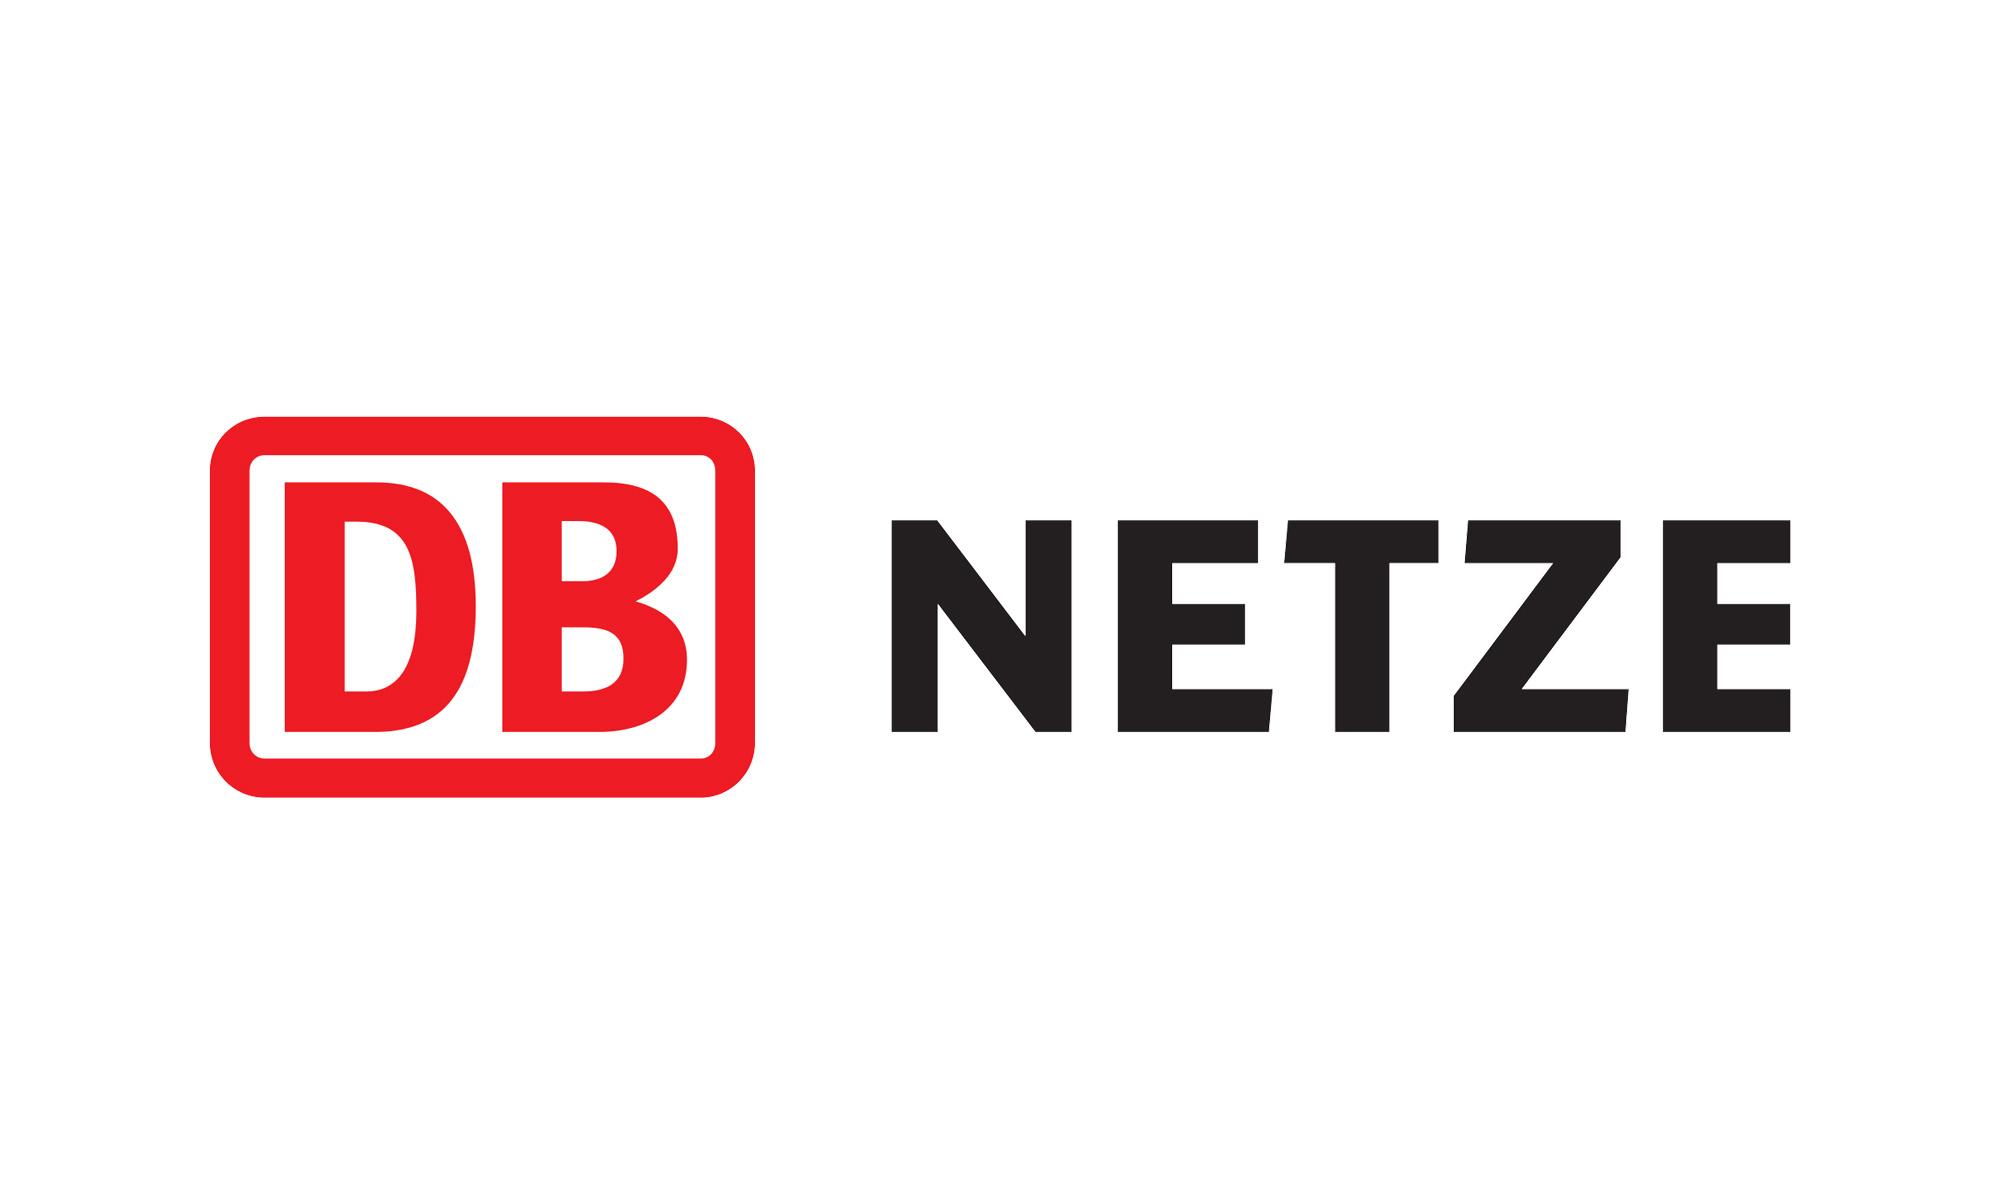 DB Netz